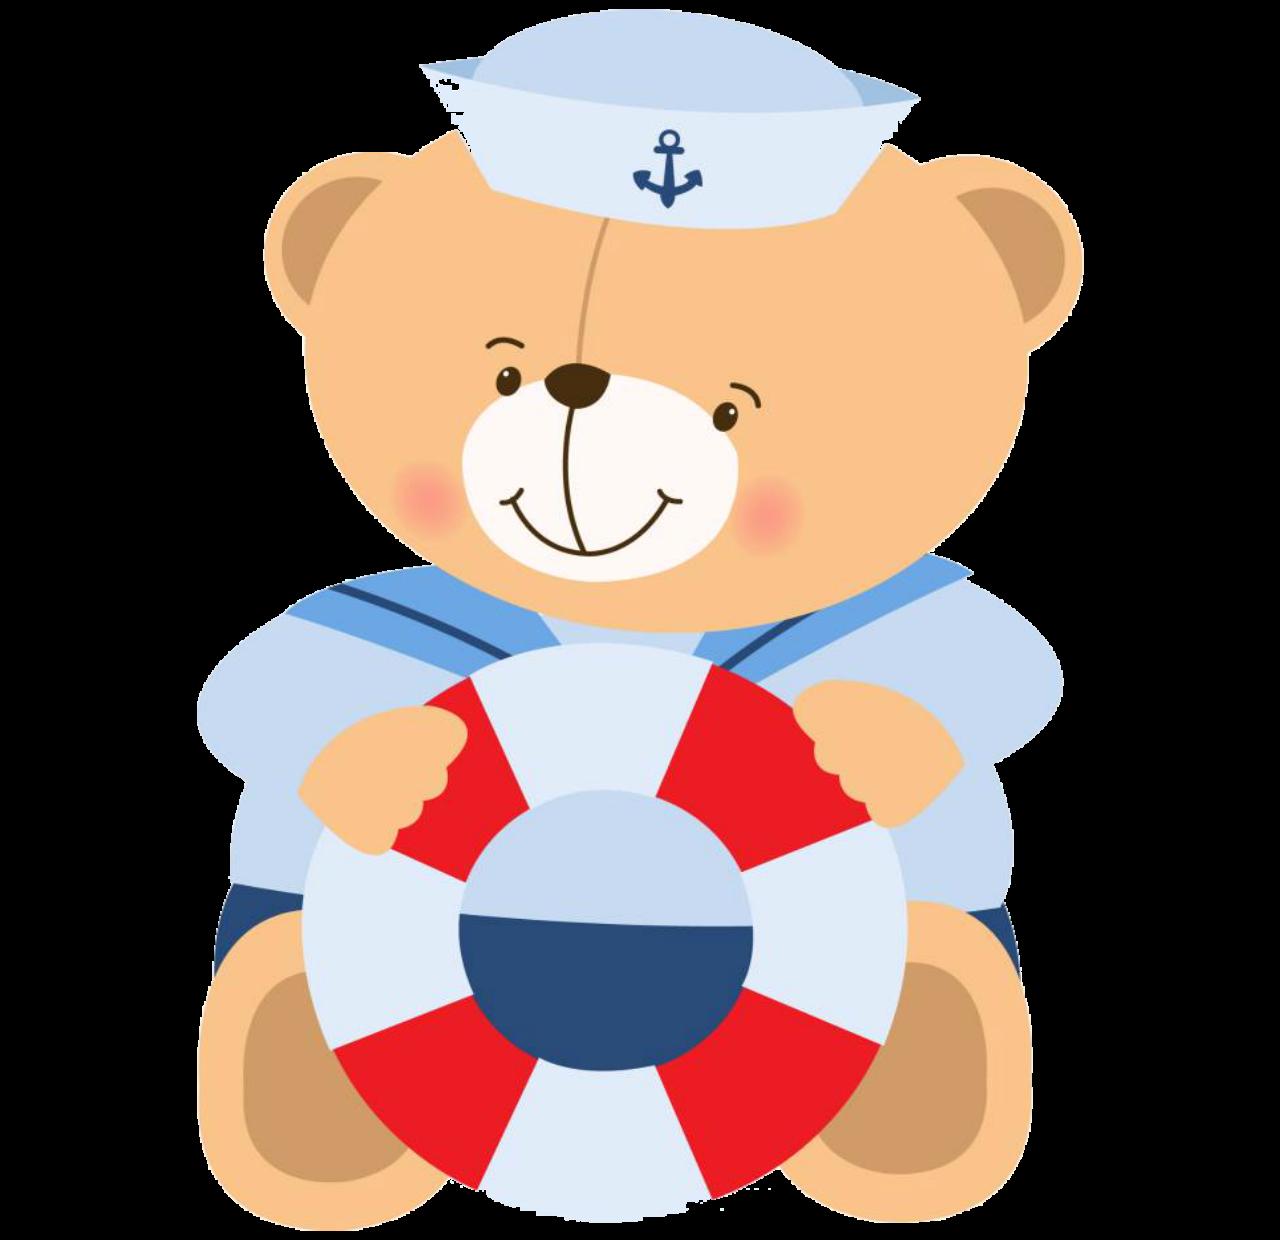 Sailor clipart salior. Bear clip art oh